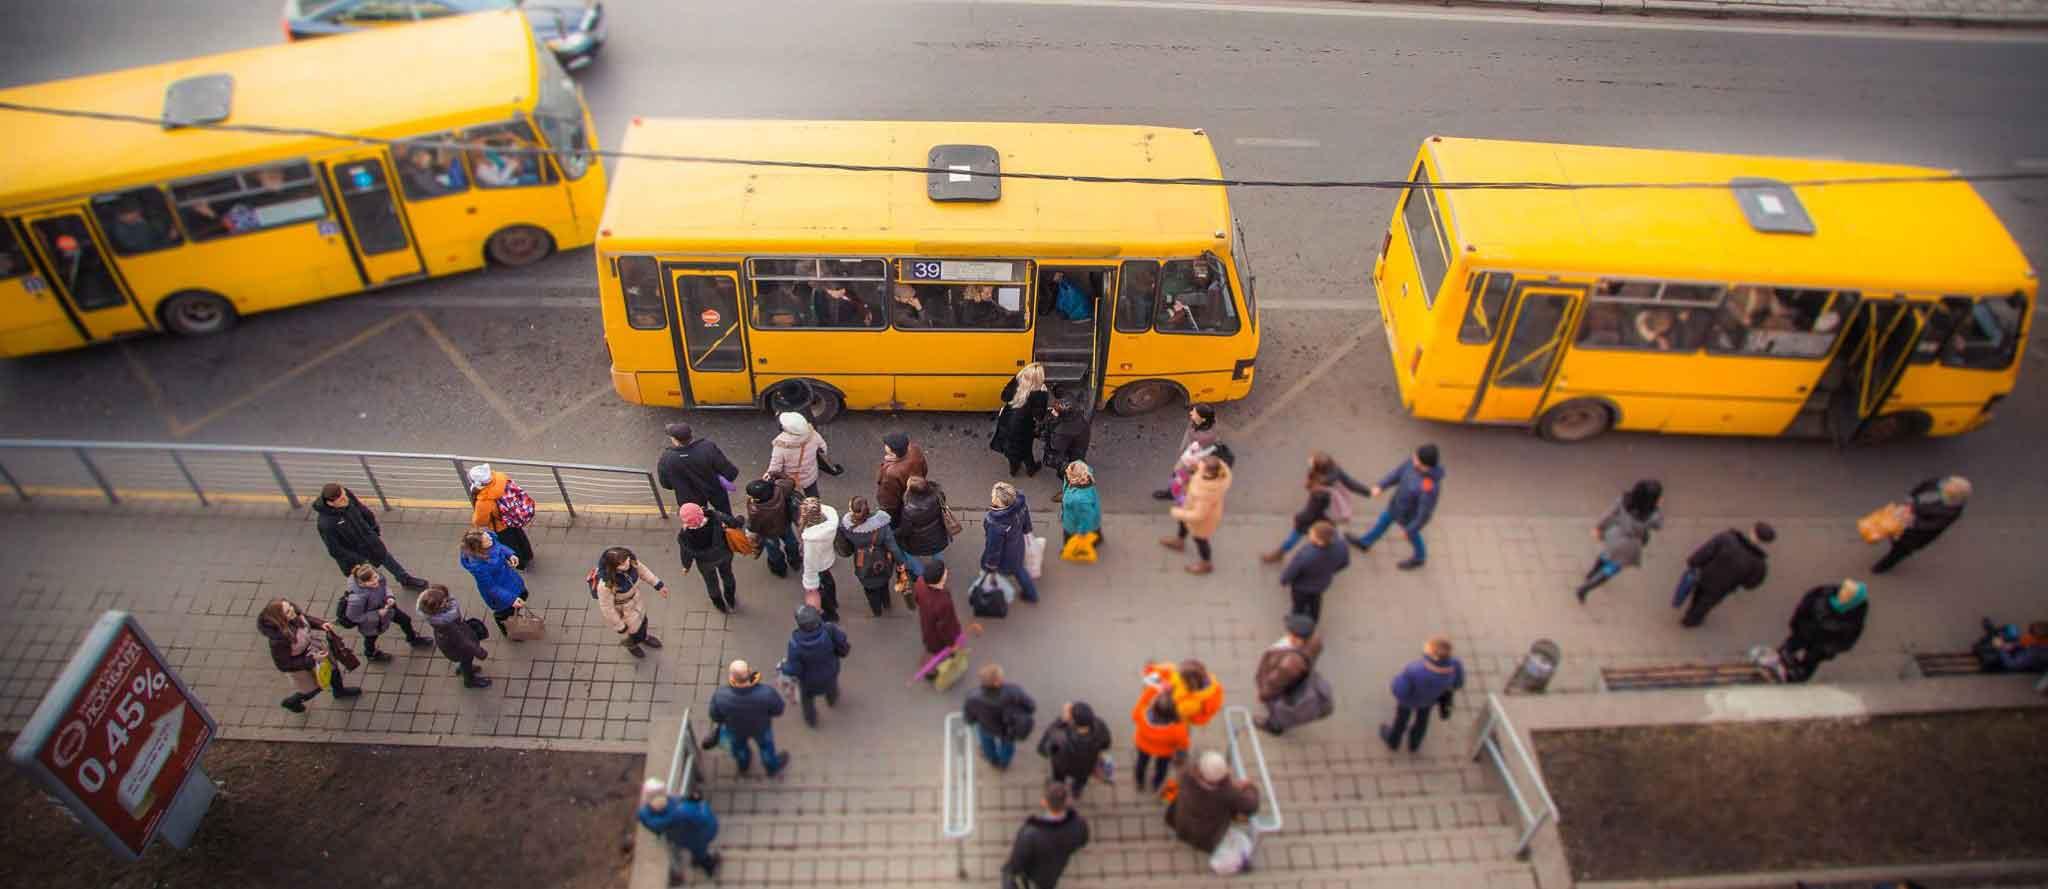 Lviv Şehir Otobüsleri, lviv ulaşım nasıl, ukrayna lviv ulaşım, Ukrayna Otobüsleri, Lviv Sarı Otobüsleri, İlginç Lviv Otobüsleri